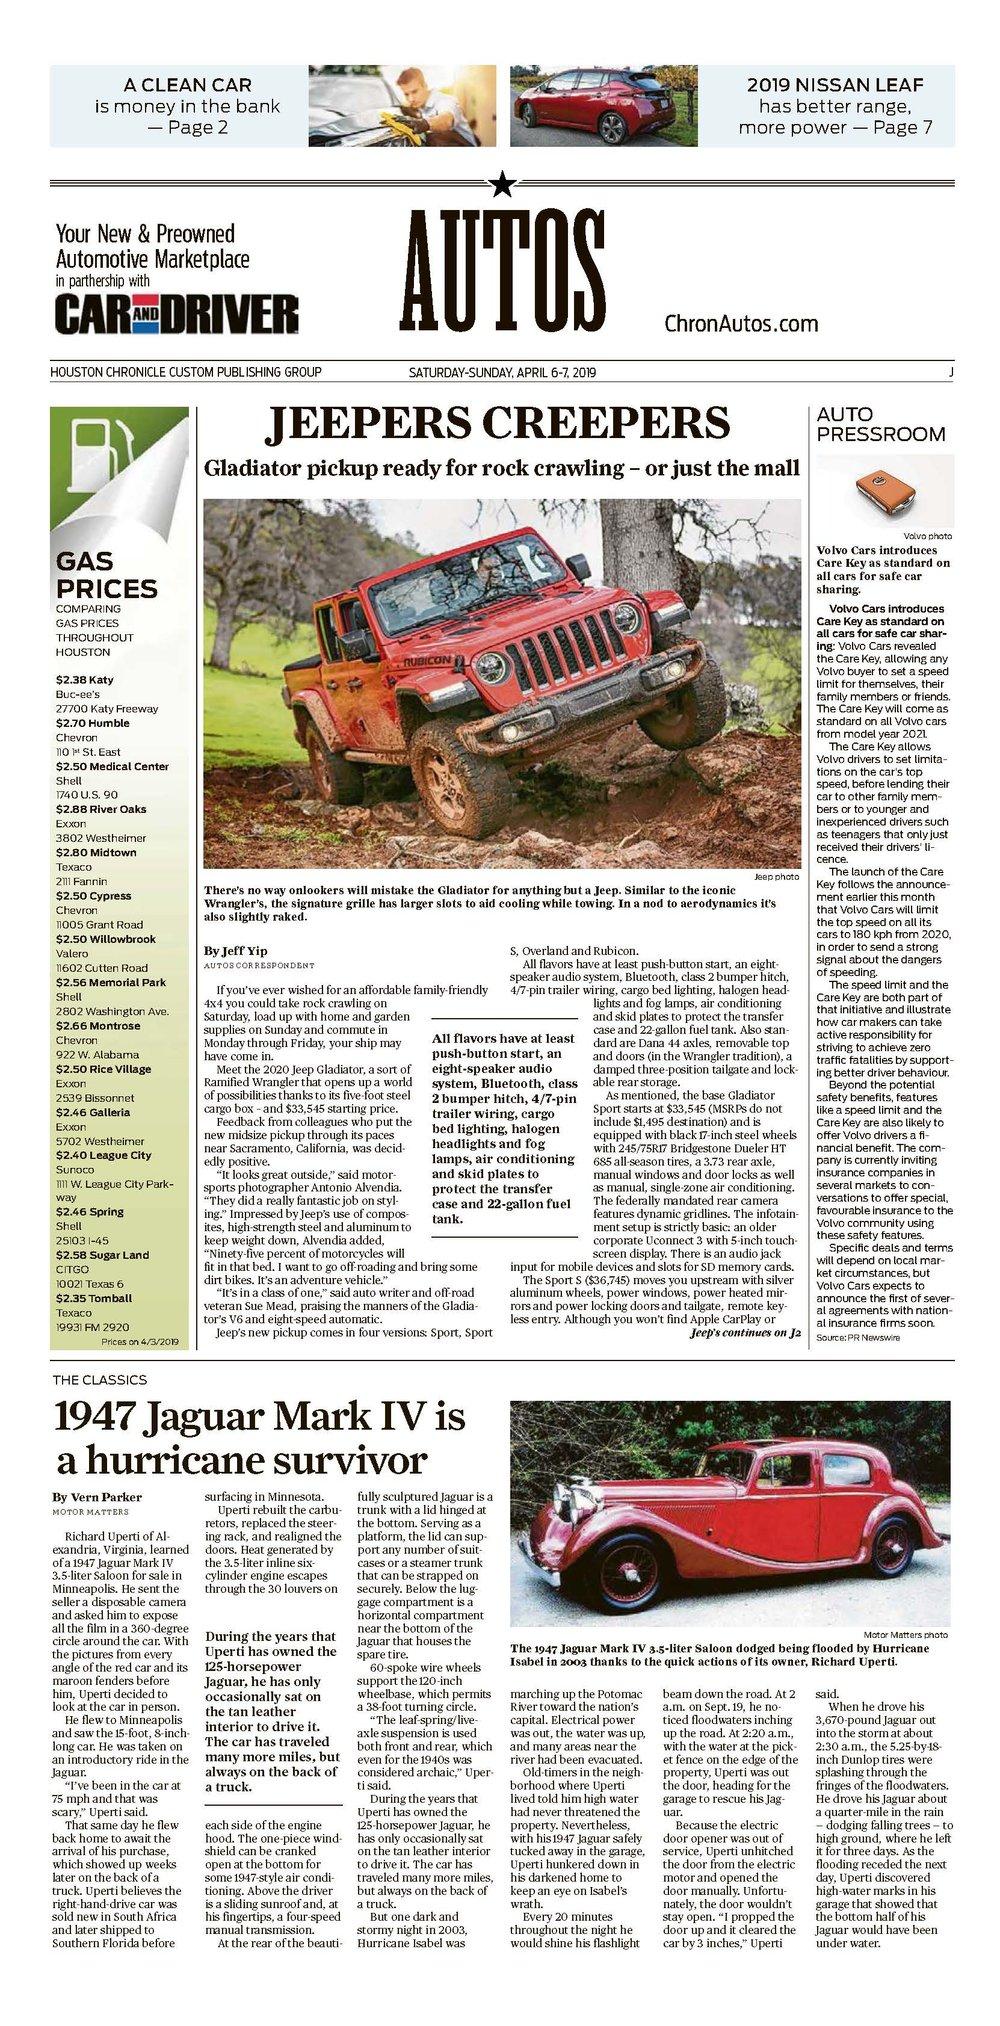 Houston Chronicle Jeep Gladiator 2019_04_06 Antonio Alvendia P1.jpg